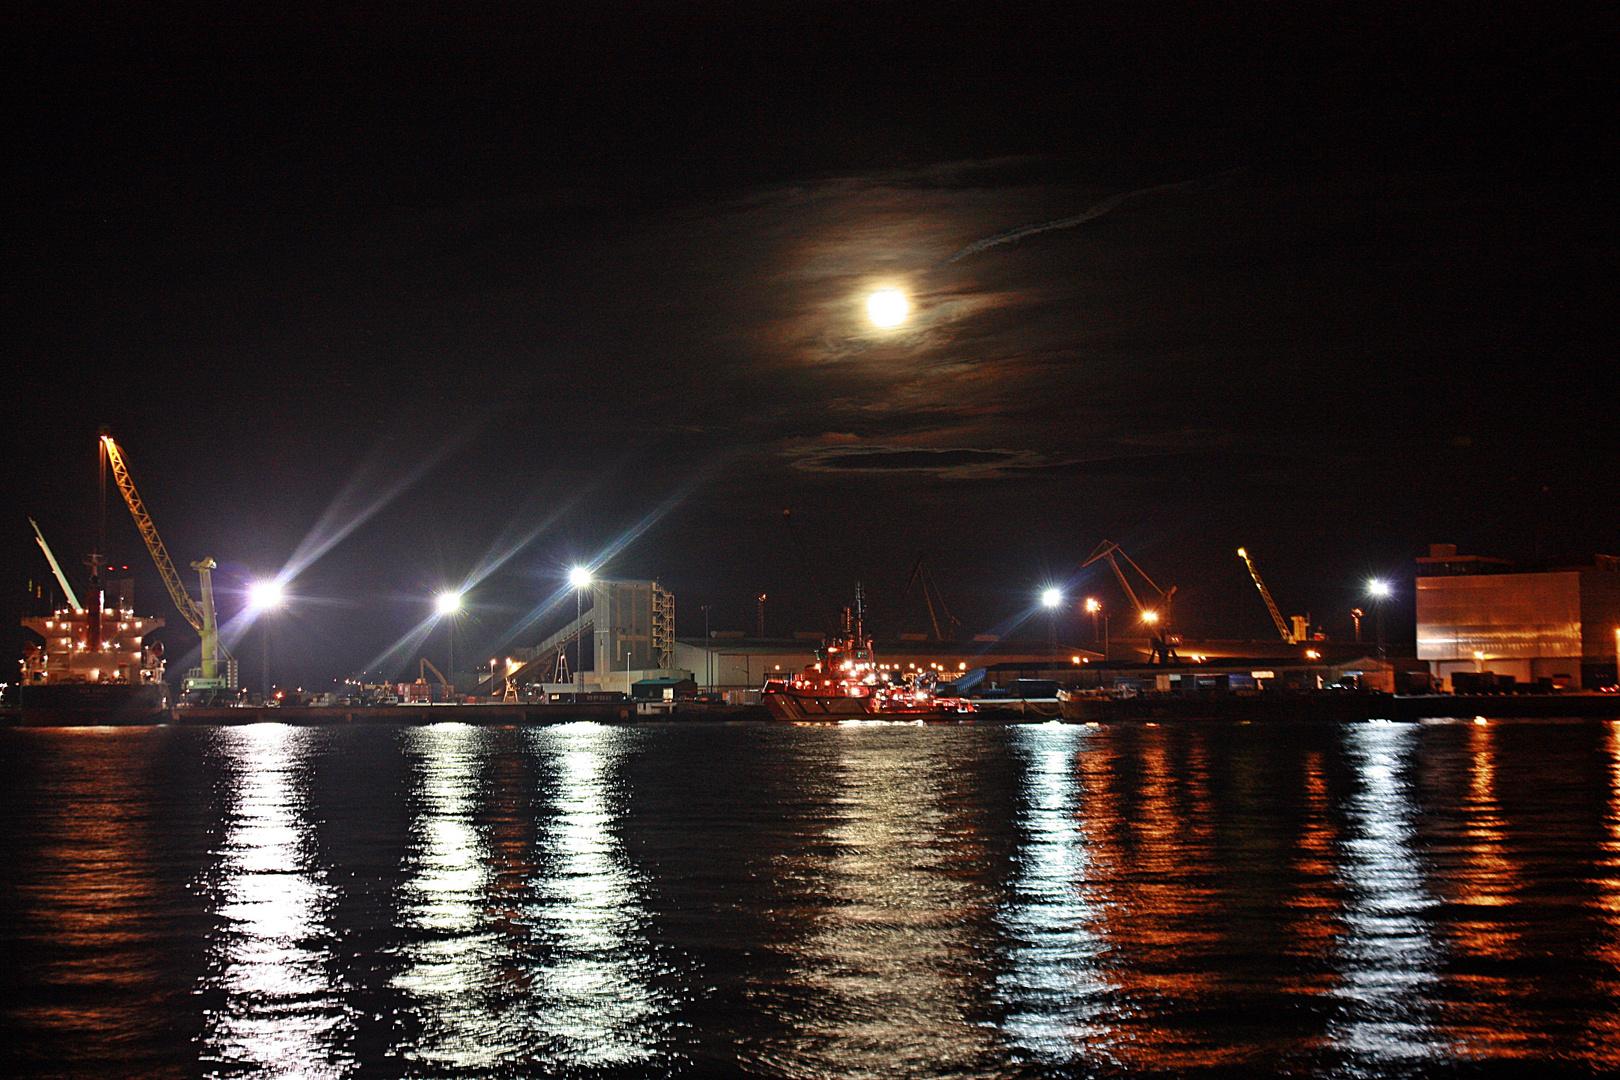 Vista nocturna del puerto de La Coruña II